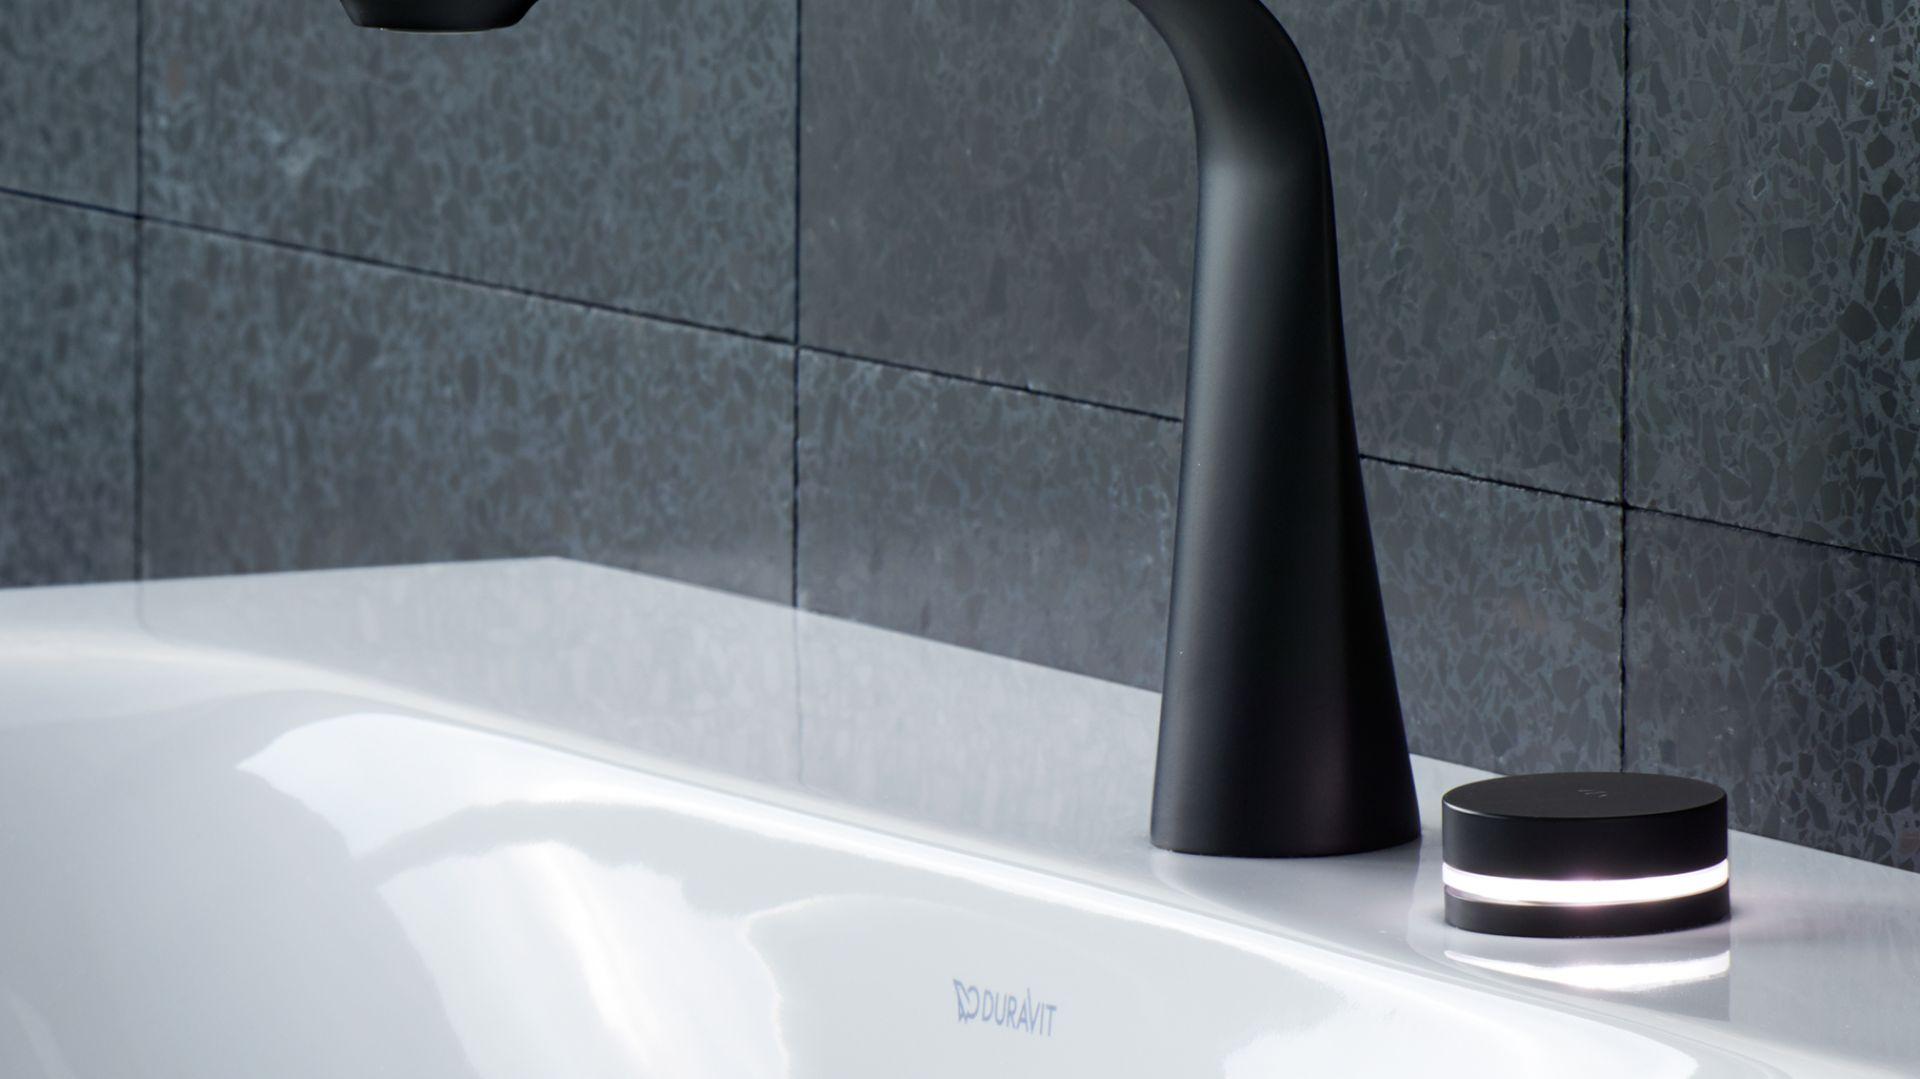 Elektroniczna bateria umywalkowa D.1e marki Duravit z pokrętłem zamiast uchwytu zintegrowanym z pierścieniem LED. Fot. Duravit